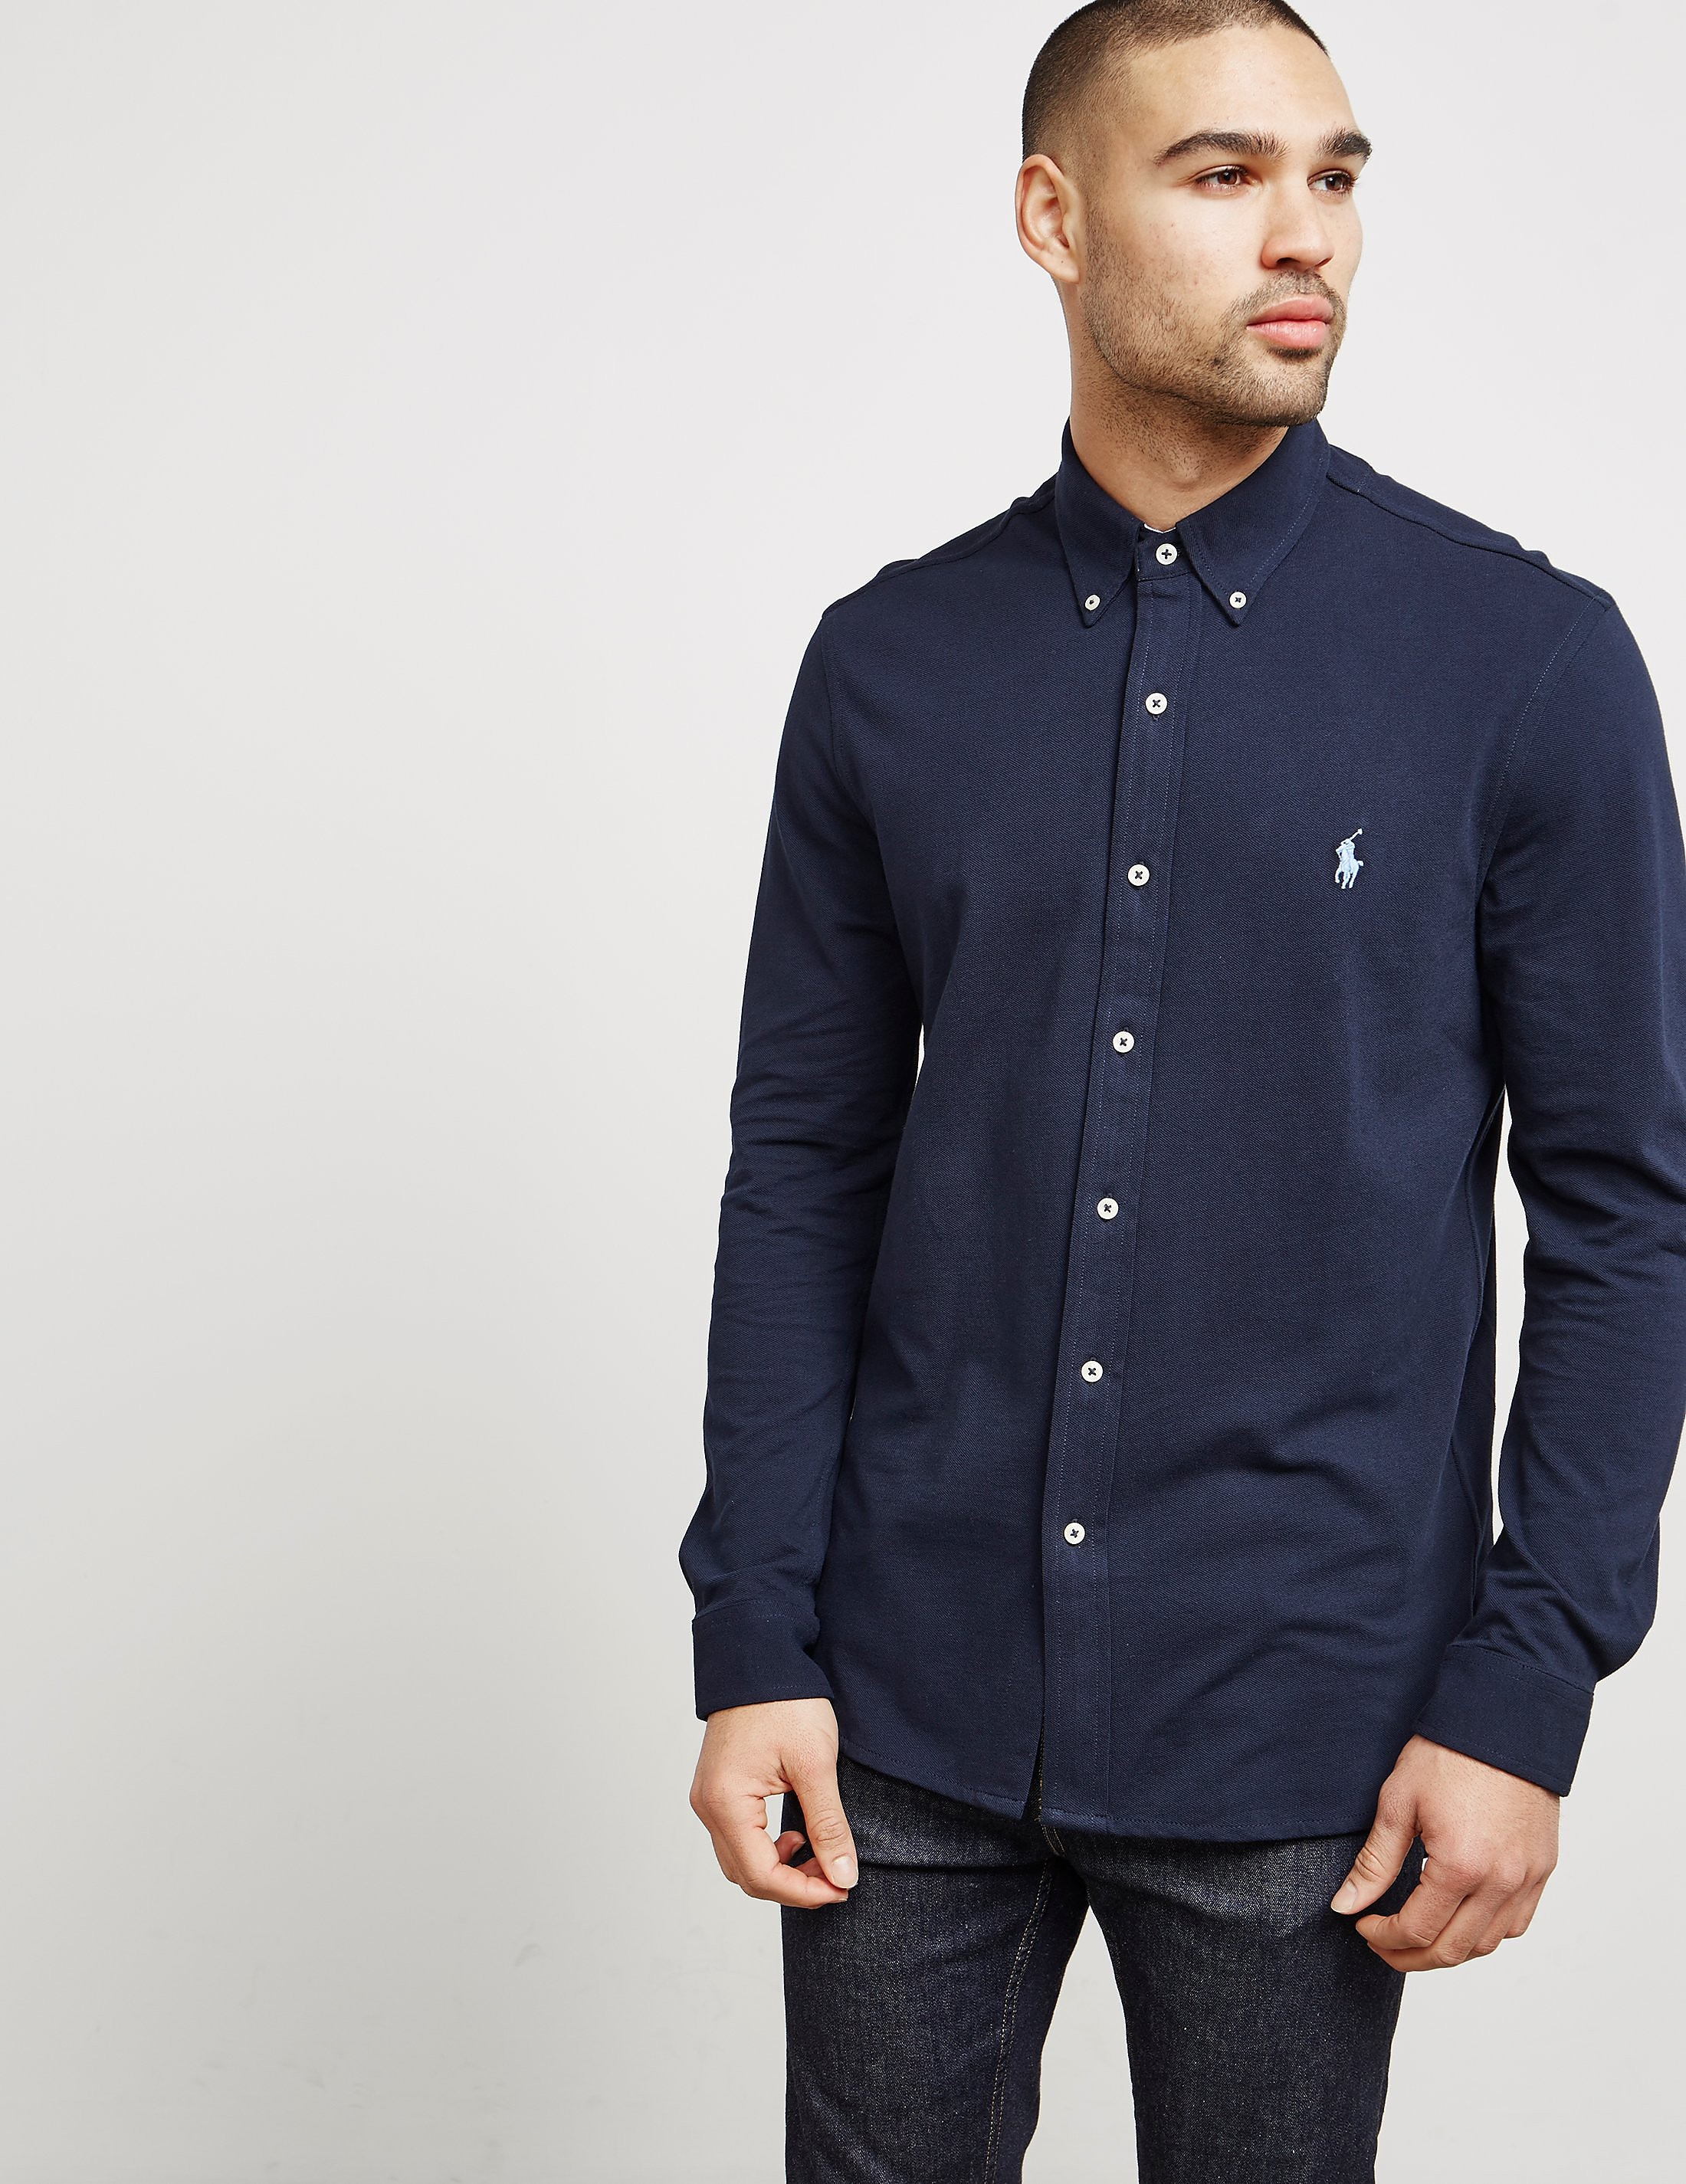 Polo Ralph Lauren Featherweight Mesh Long Sleeve Shirt